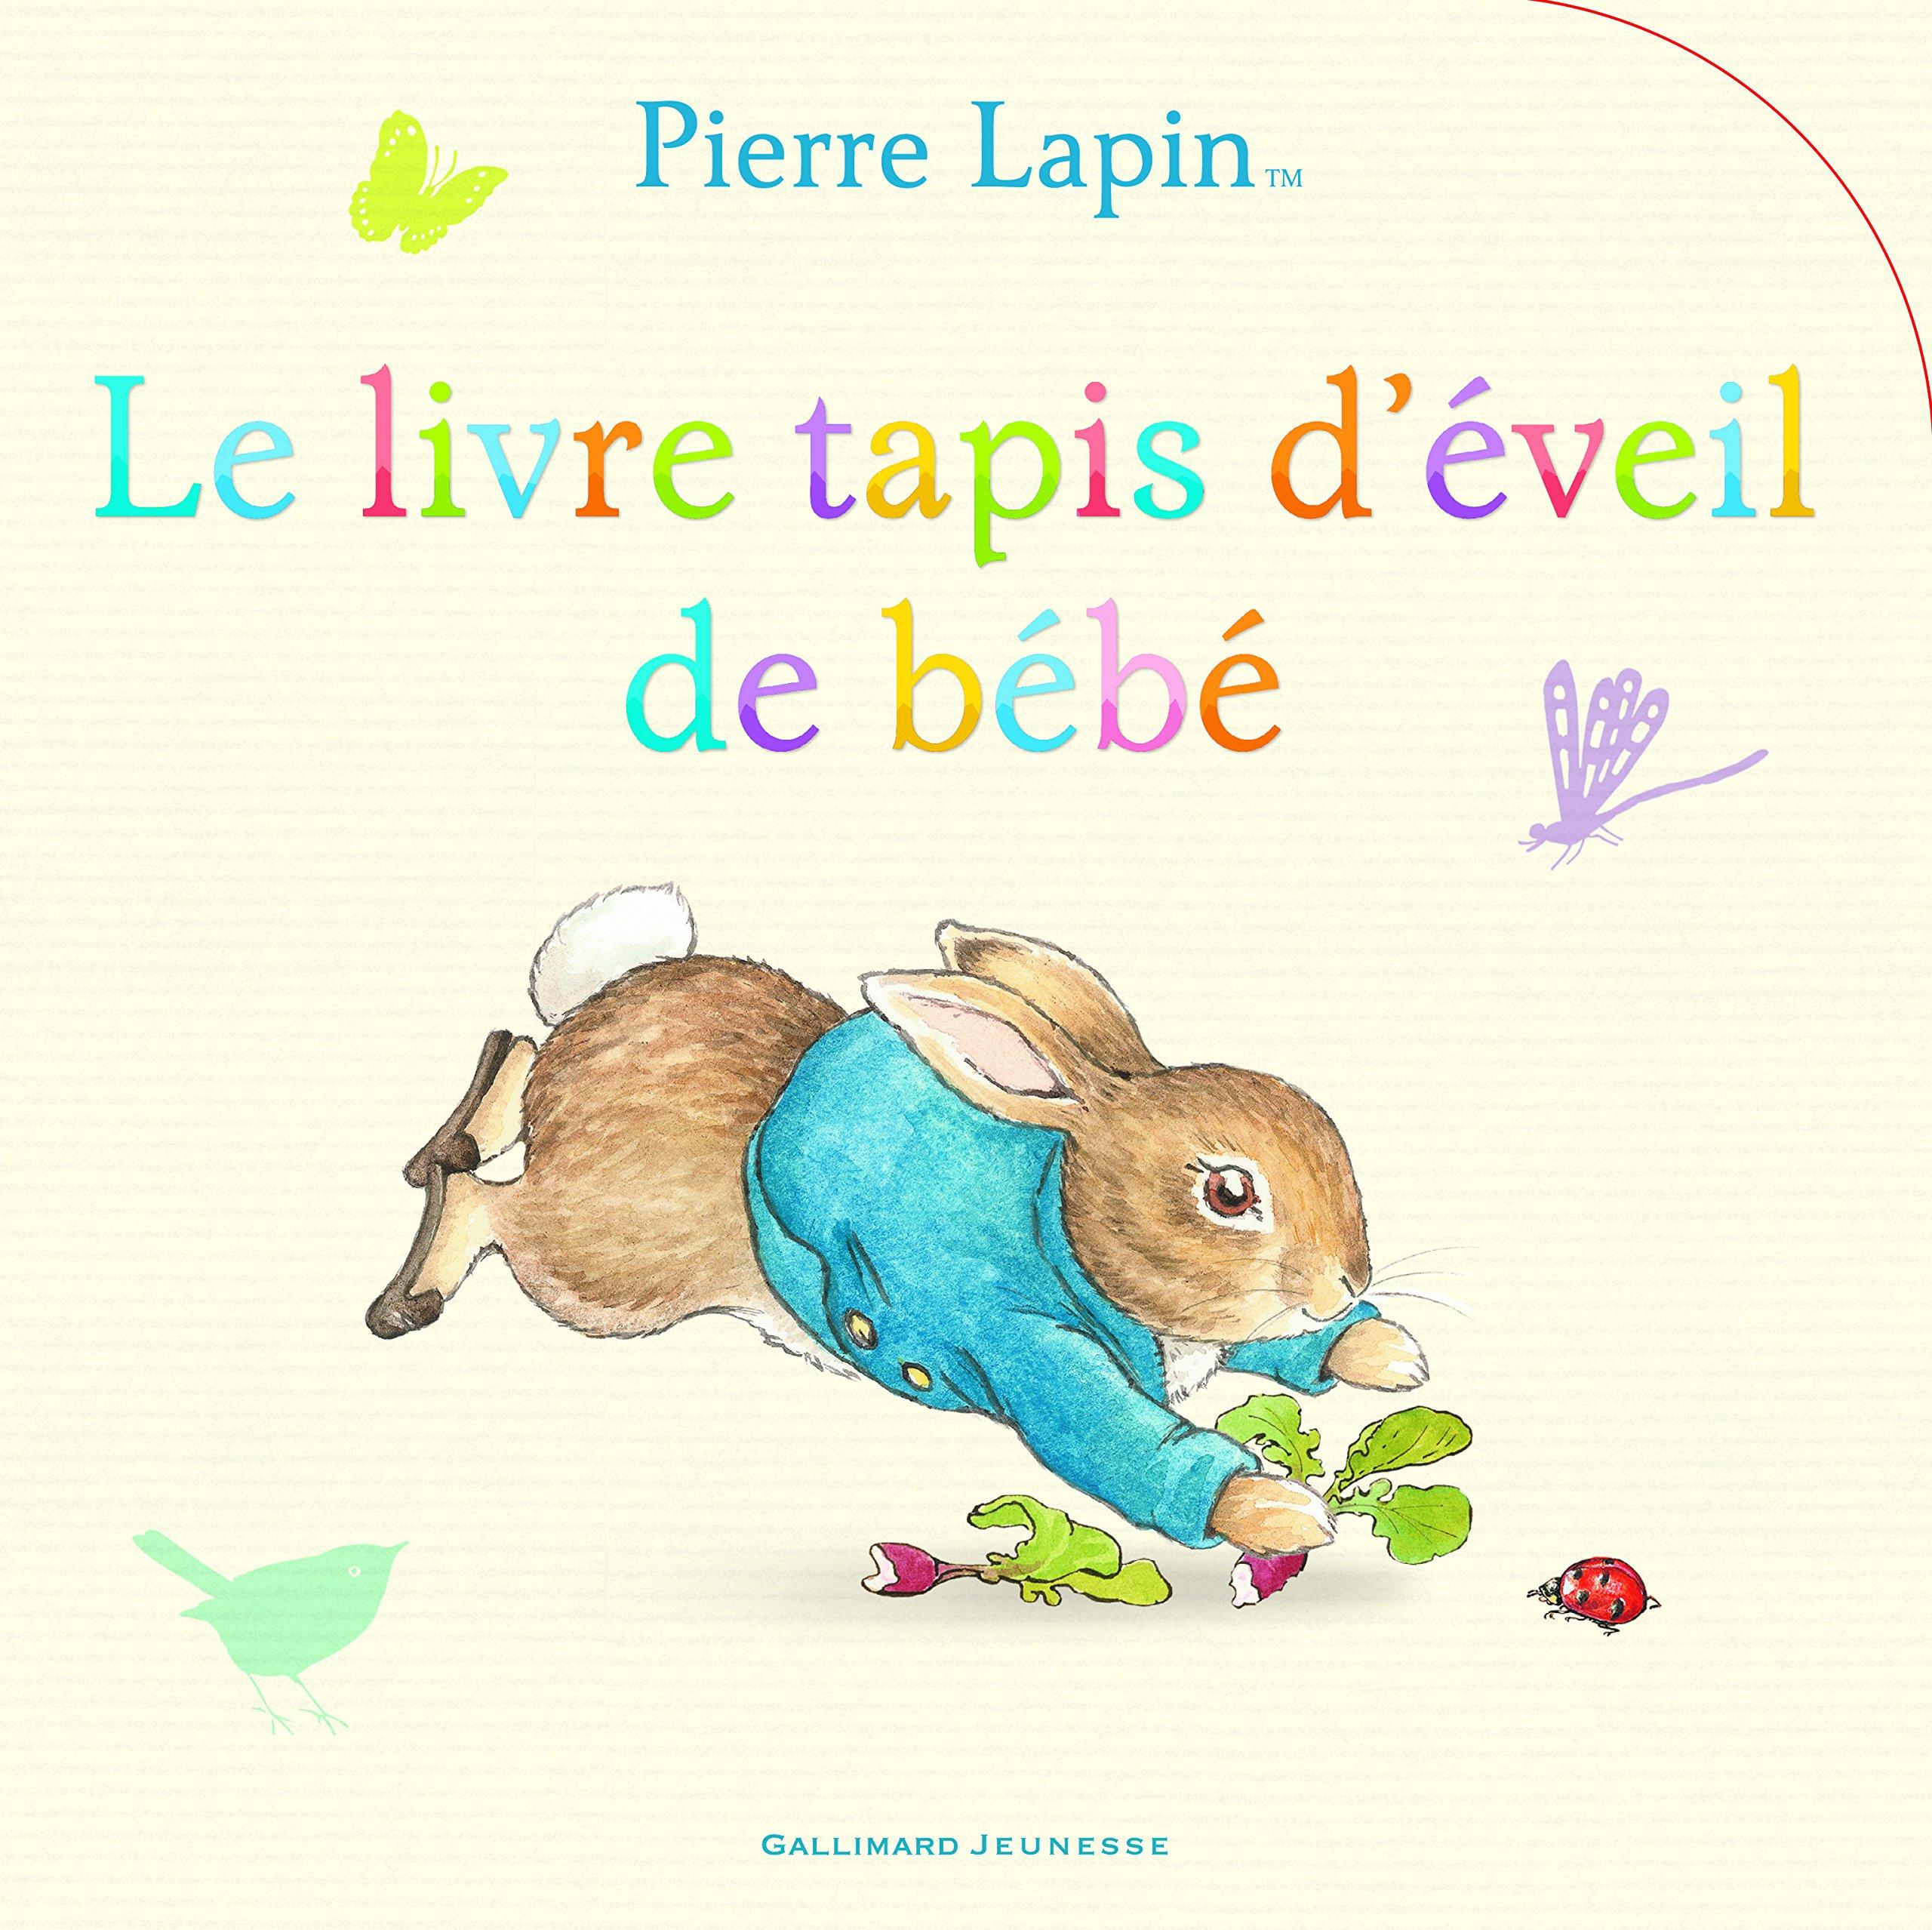 Pierre Lapin : Le livre tapis déveil de bébé: Amazon.es: Beatrix Potter: Libros en idiomas extranjeros